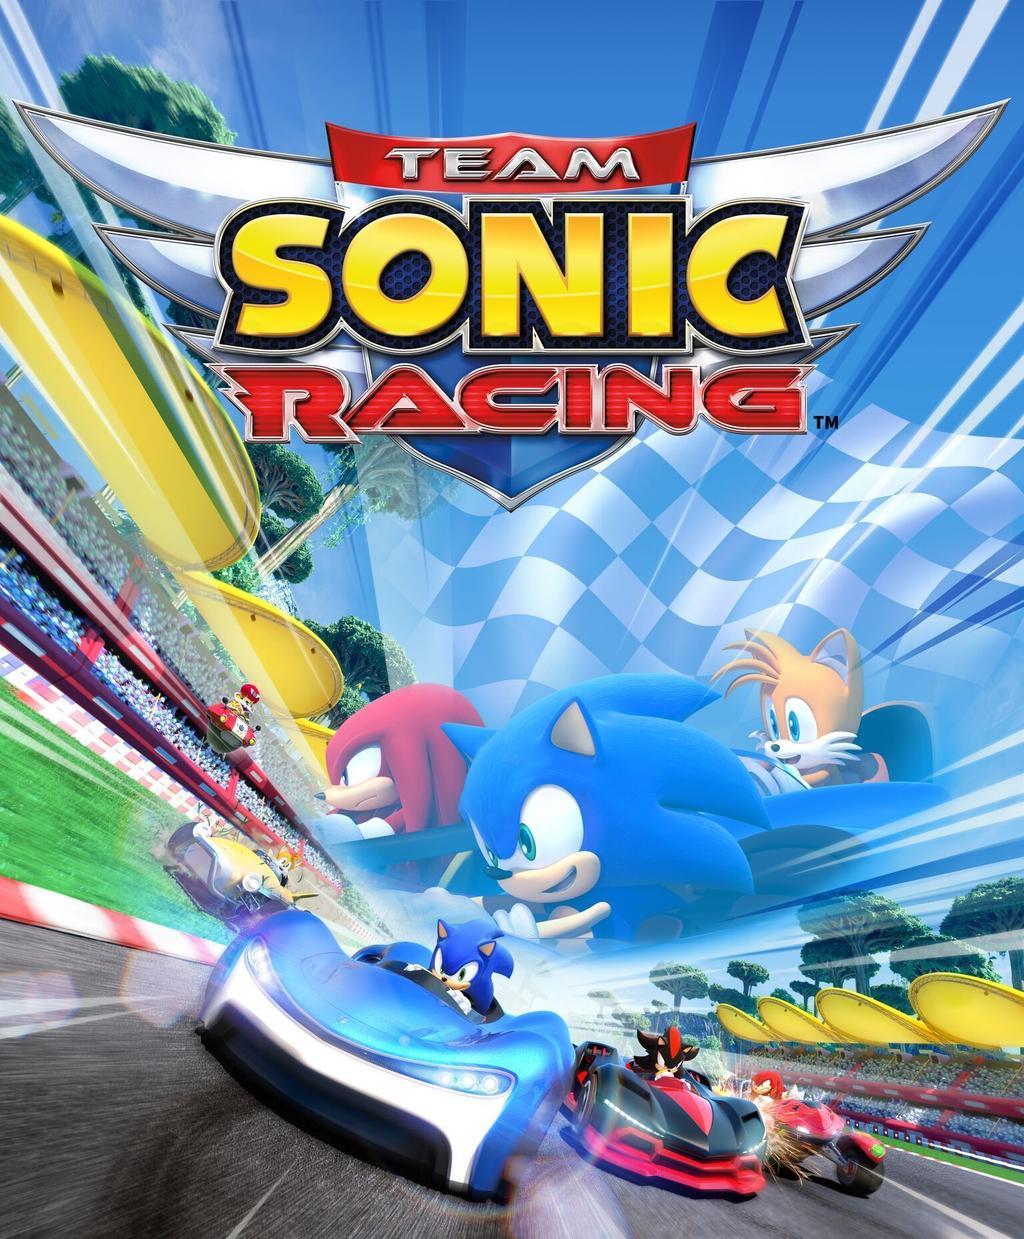 Aurum2000/Propuesta de Doblaje: Team Sonic Racing